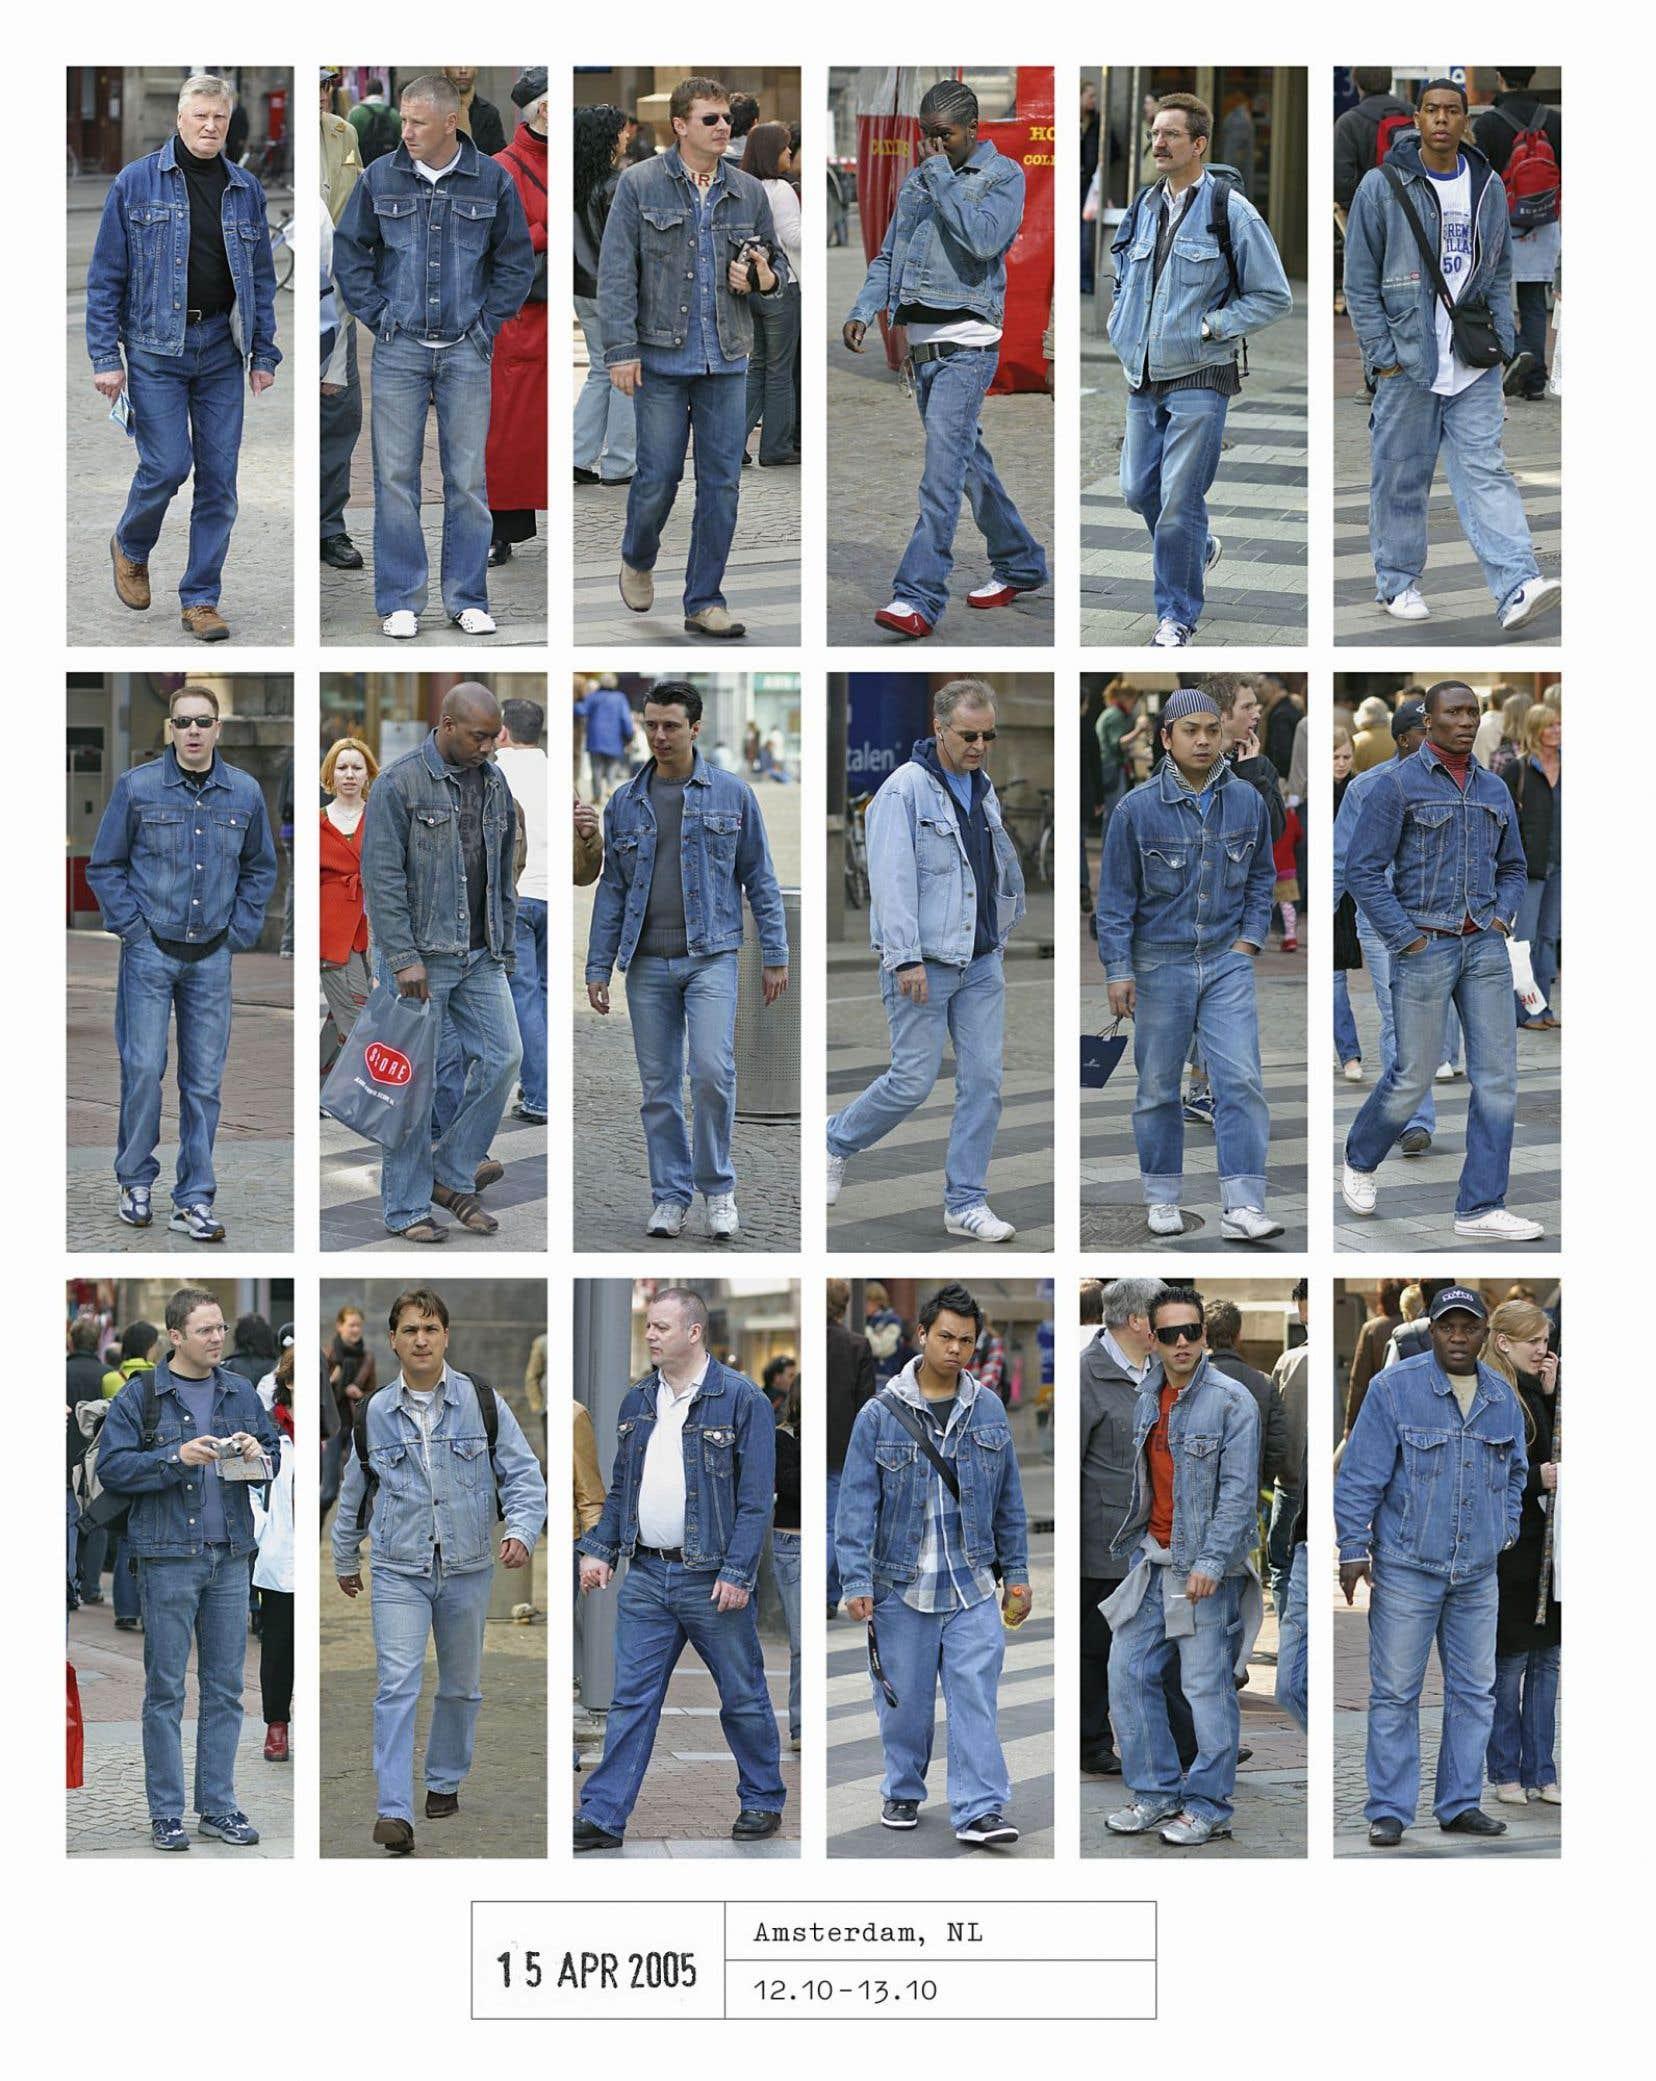 Prise de photos faite à Amsterdam le 15 avril 2005. Tiré de «People of the Twenty-First Century», de Hans Eijkelboom, publié chez Phaidon.<br />